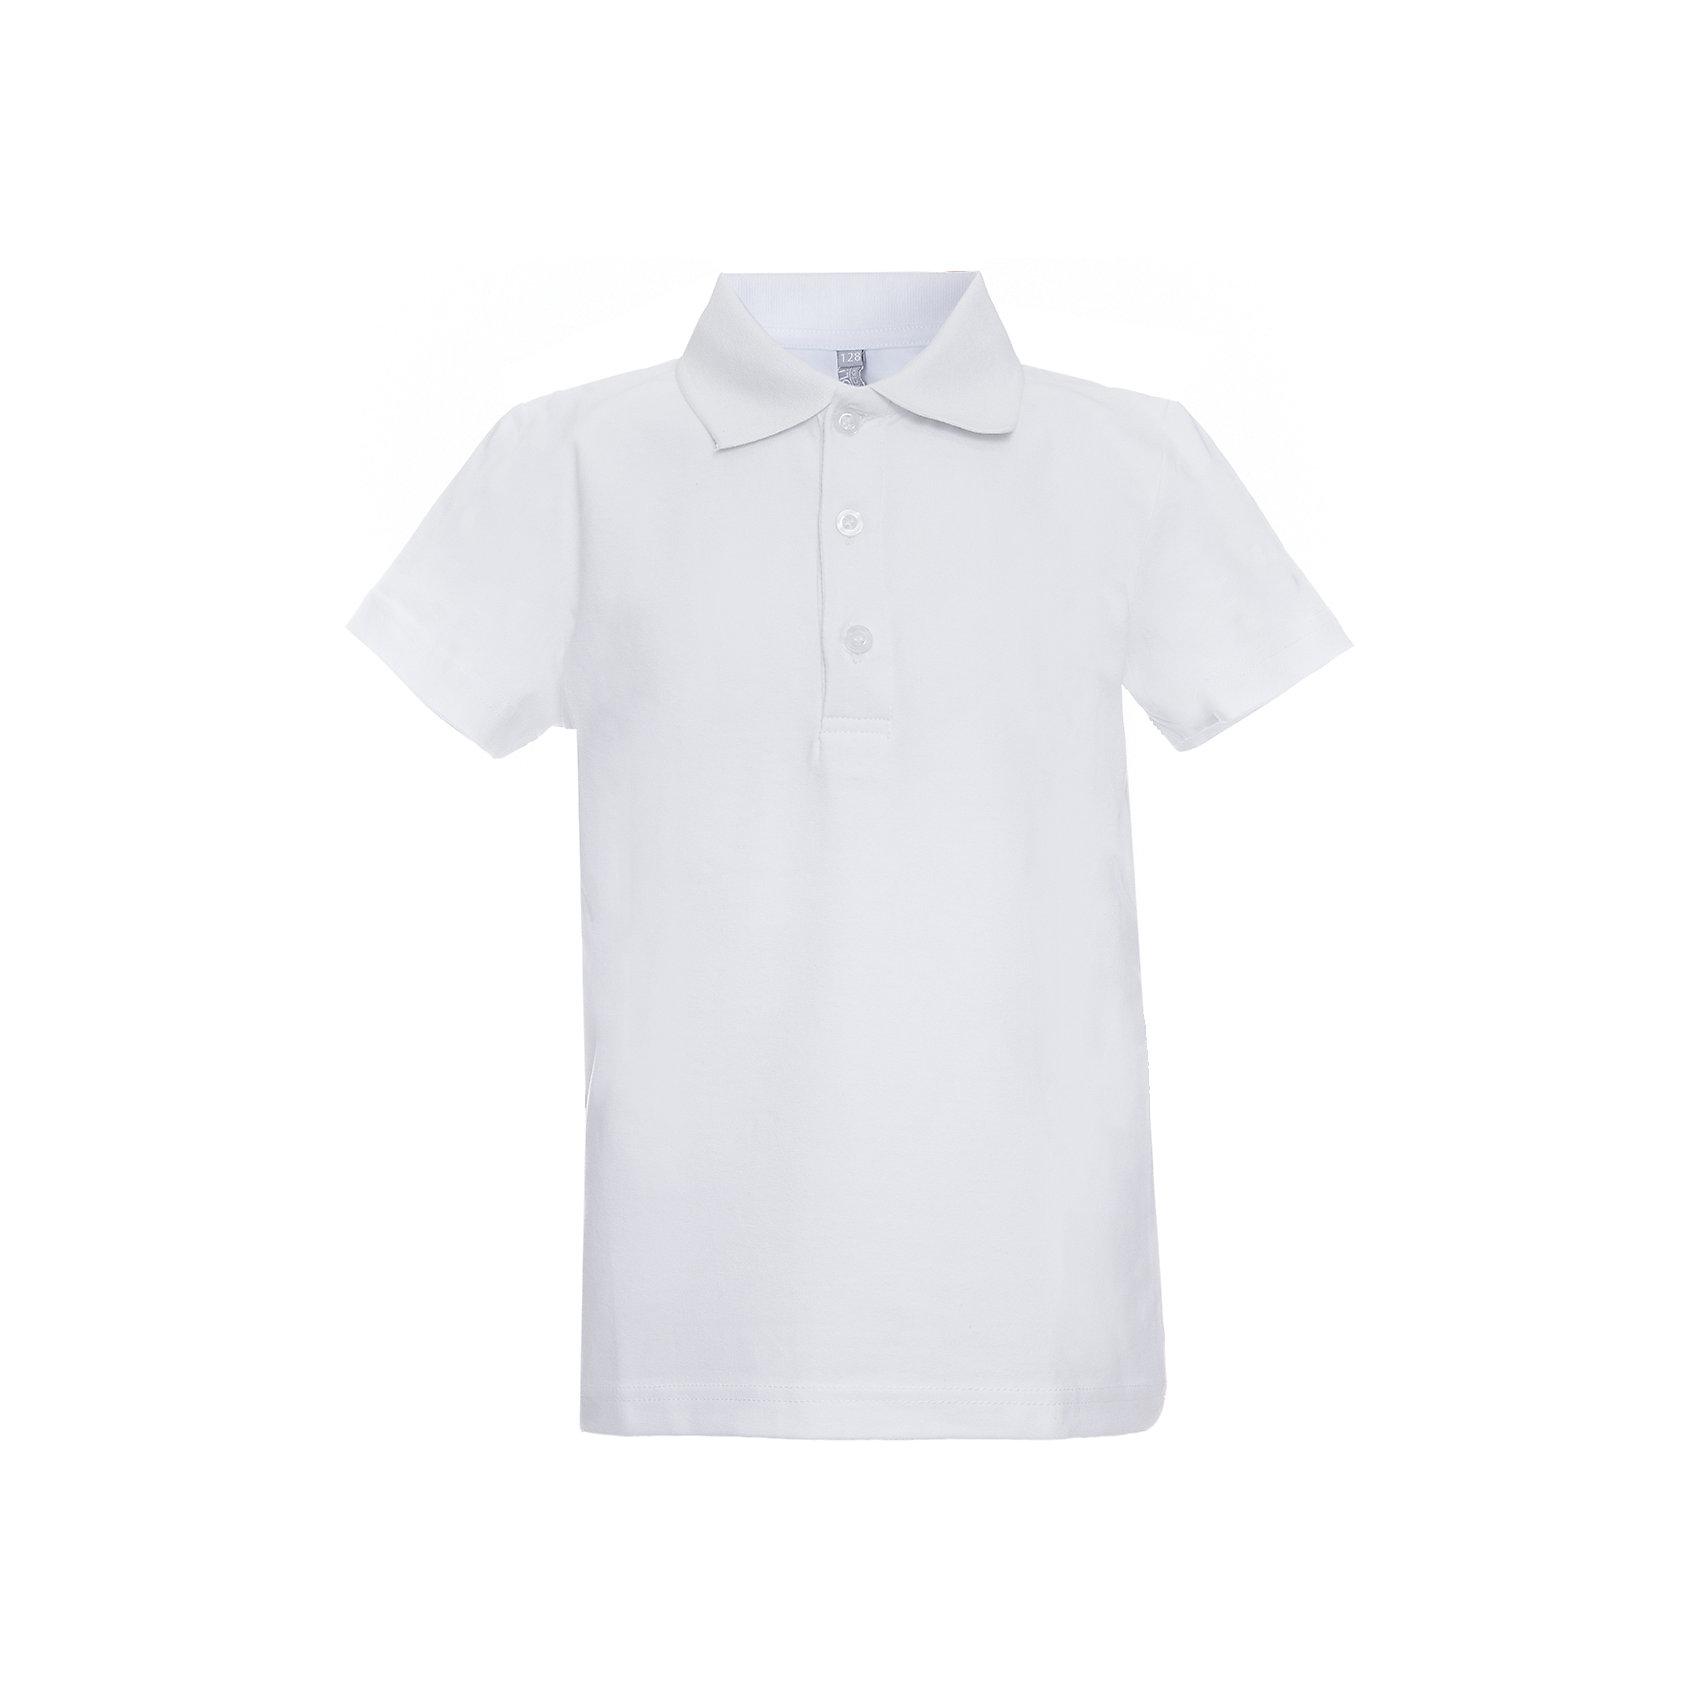 Футболка-поло для мальчика ScoolФутболка-поло для мальчика от известного бренда Scool.<br>Стильная хлопковая футболка-поло белого цвета. Воротник застегивается на 3 пуговицы.<br>Состав:<br>92% хлопок, 8% эластан<br><br>Ширина мм: 230<br>Глубина мм: 40<br>Высота мм: 220<br>Вес г: 250<br>Цвет: белый<br>Возраст от месяцев: 72<br>Возраст до месяцев: 84<br>Пол: Мужской<br>Возраст: Детский<br>Размер: 122,146,164,158,152,140,134,128<br>SKU: 4686802